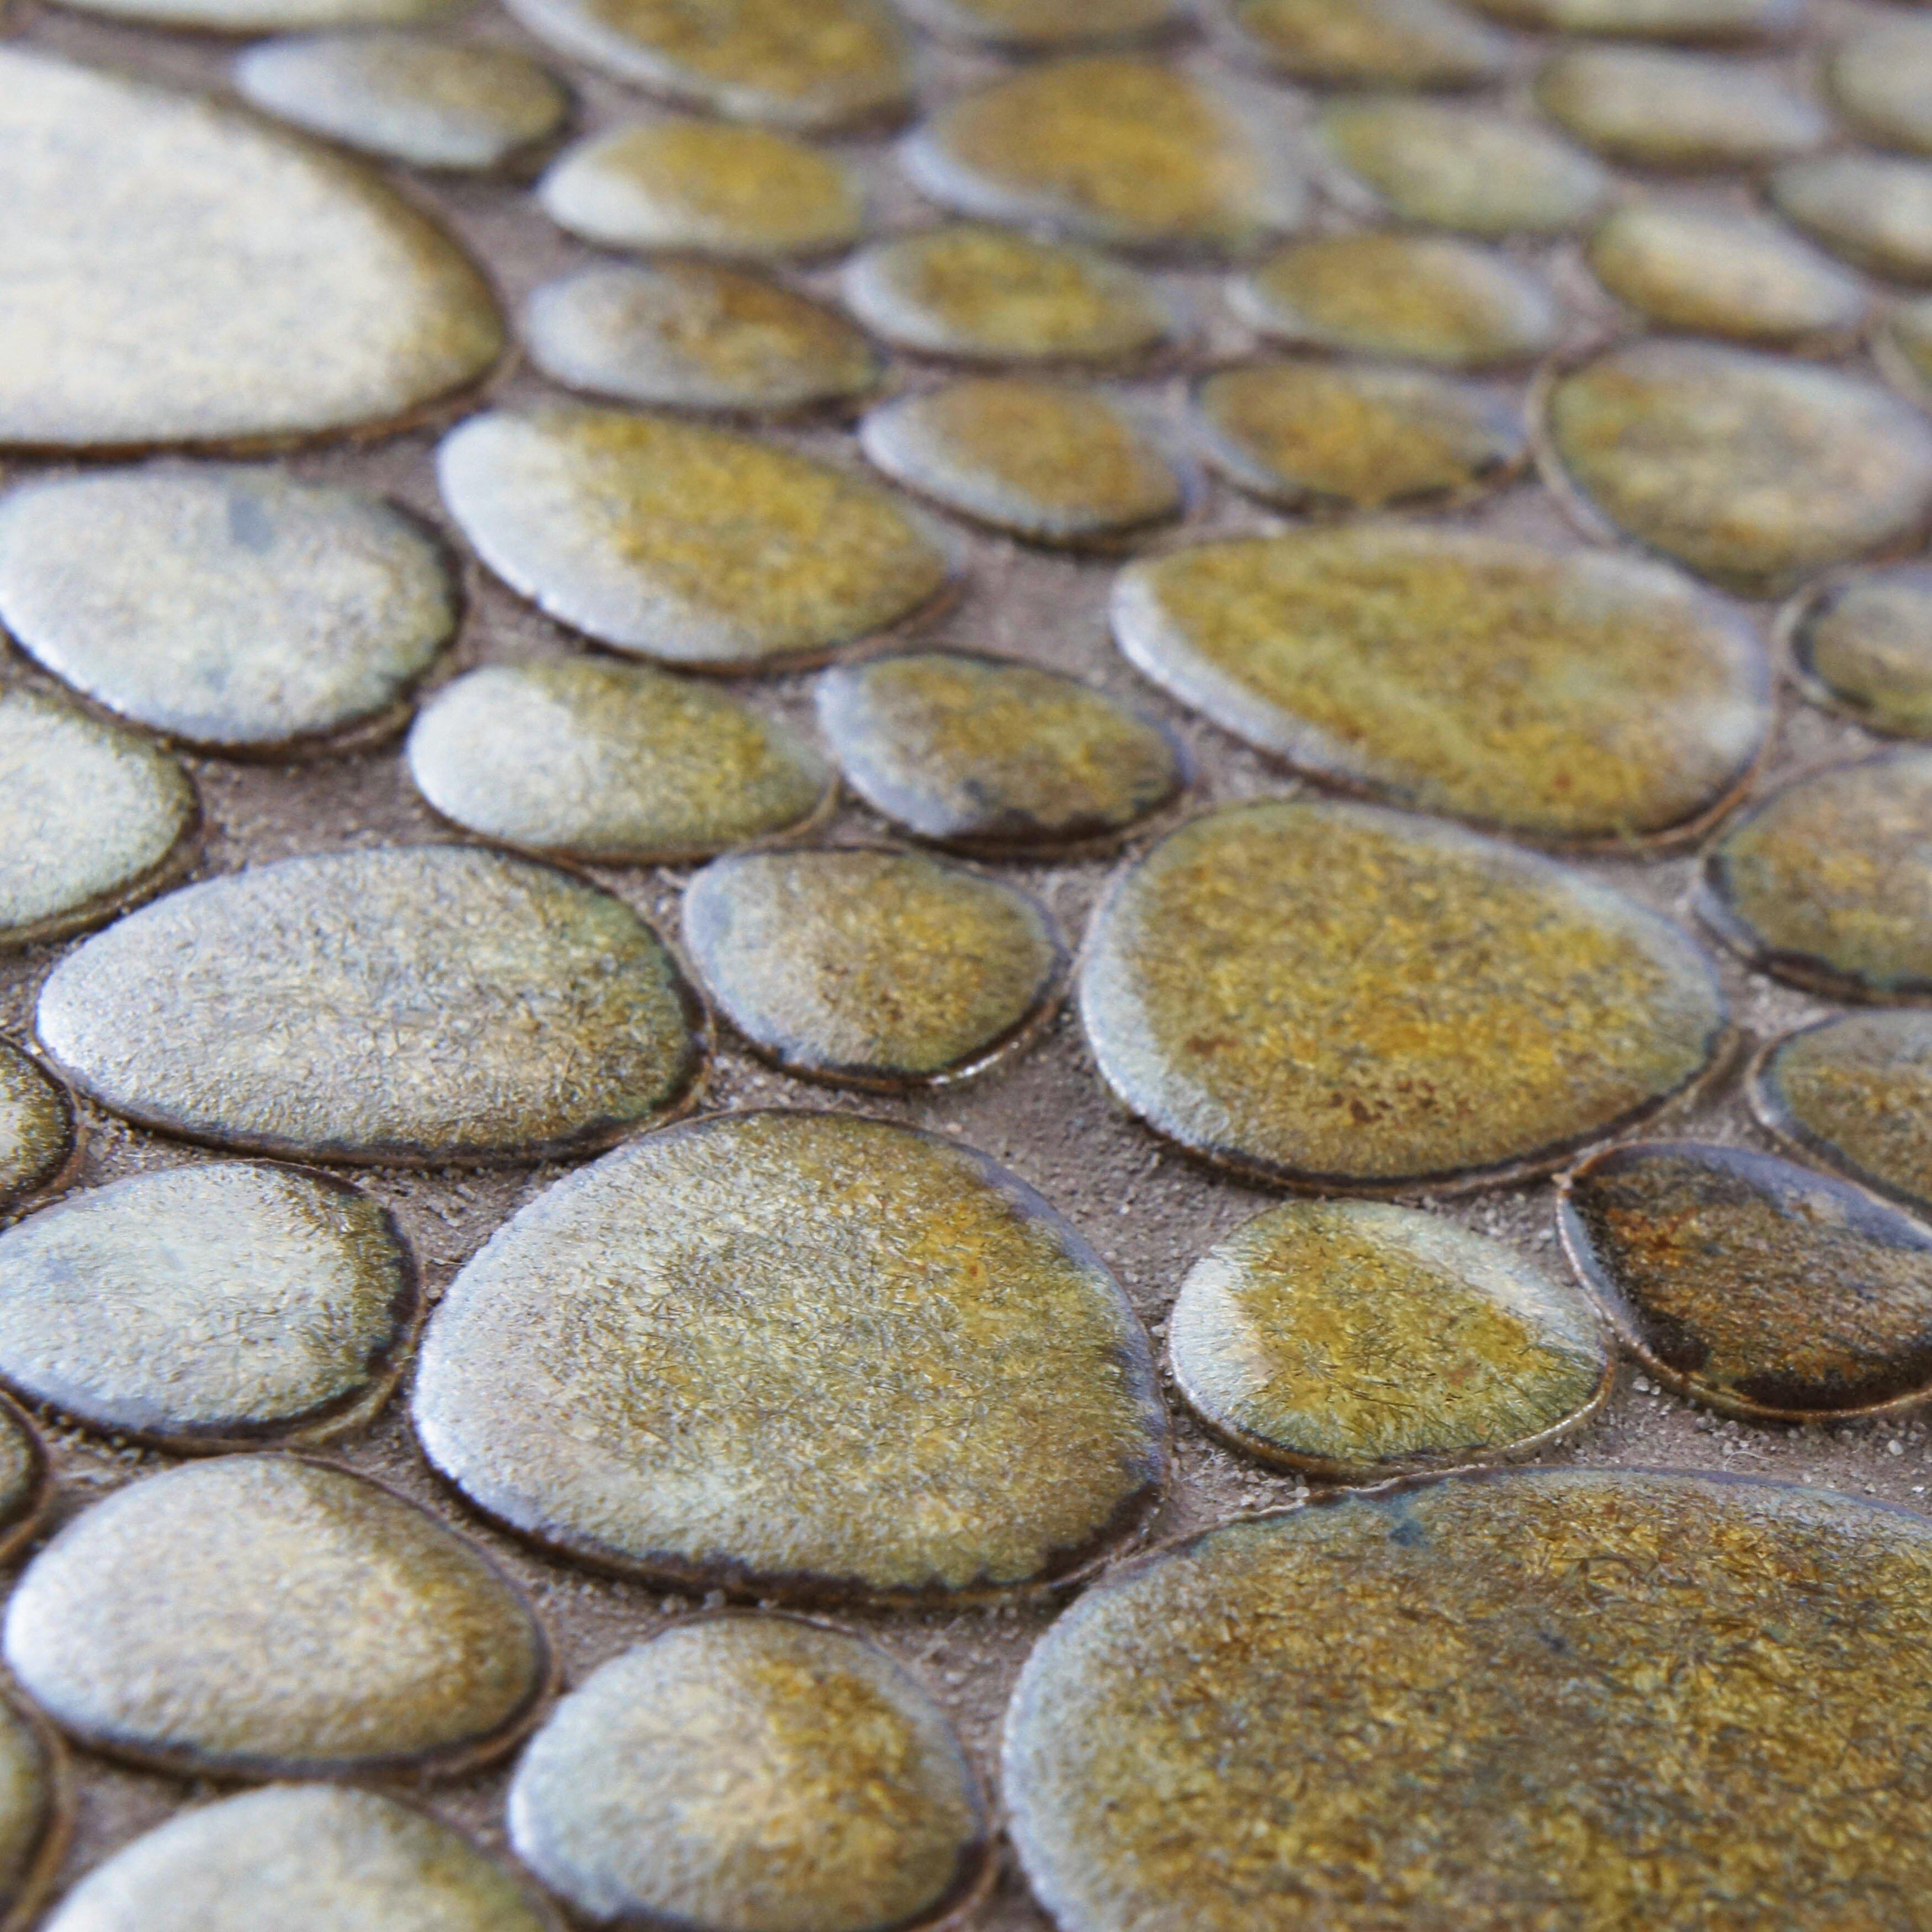 Elitetile boulder random sized porcelain mosaic tile in brownstone